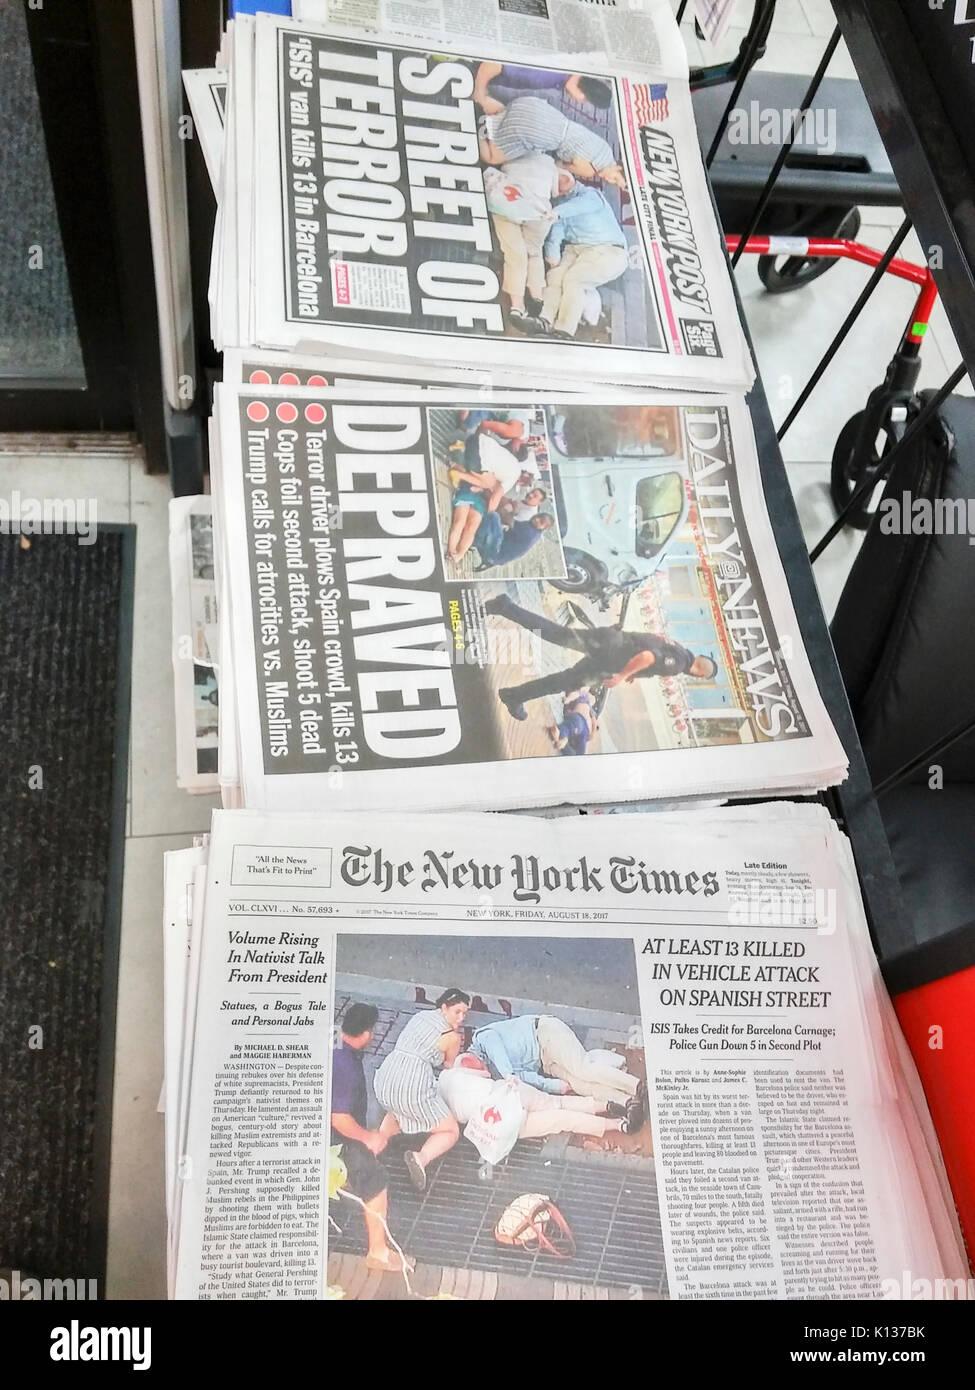 Los periódicos de Nueva York el viernes, 18 de agosto de 2017 Informe sobre el ataque terrorista la noche anterior en Barcelona, España, que dejó 13 muertos y más de 100 heridos. (© Richard B. Levine) Foto de stock